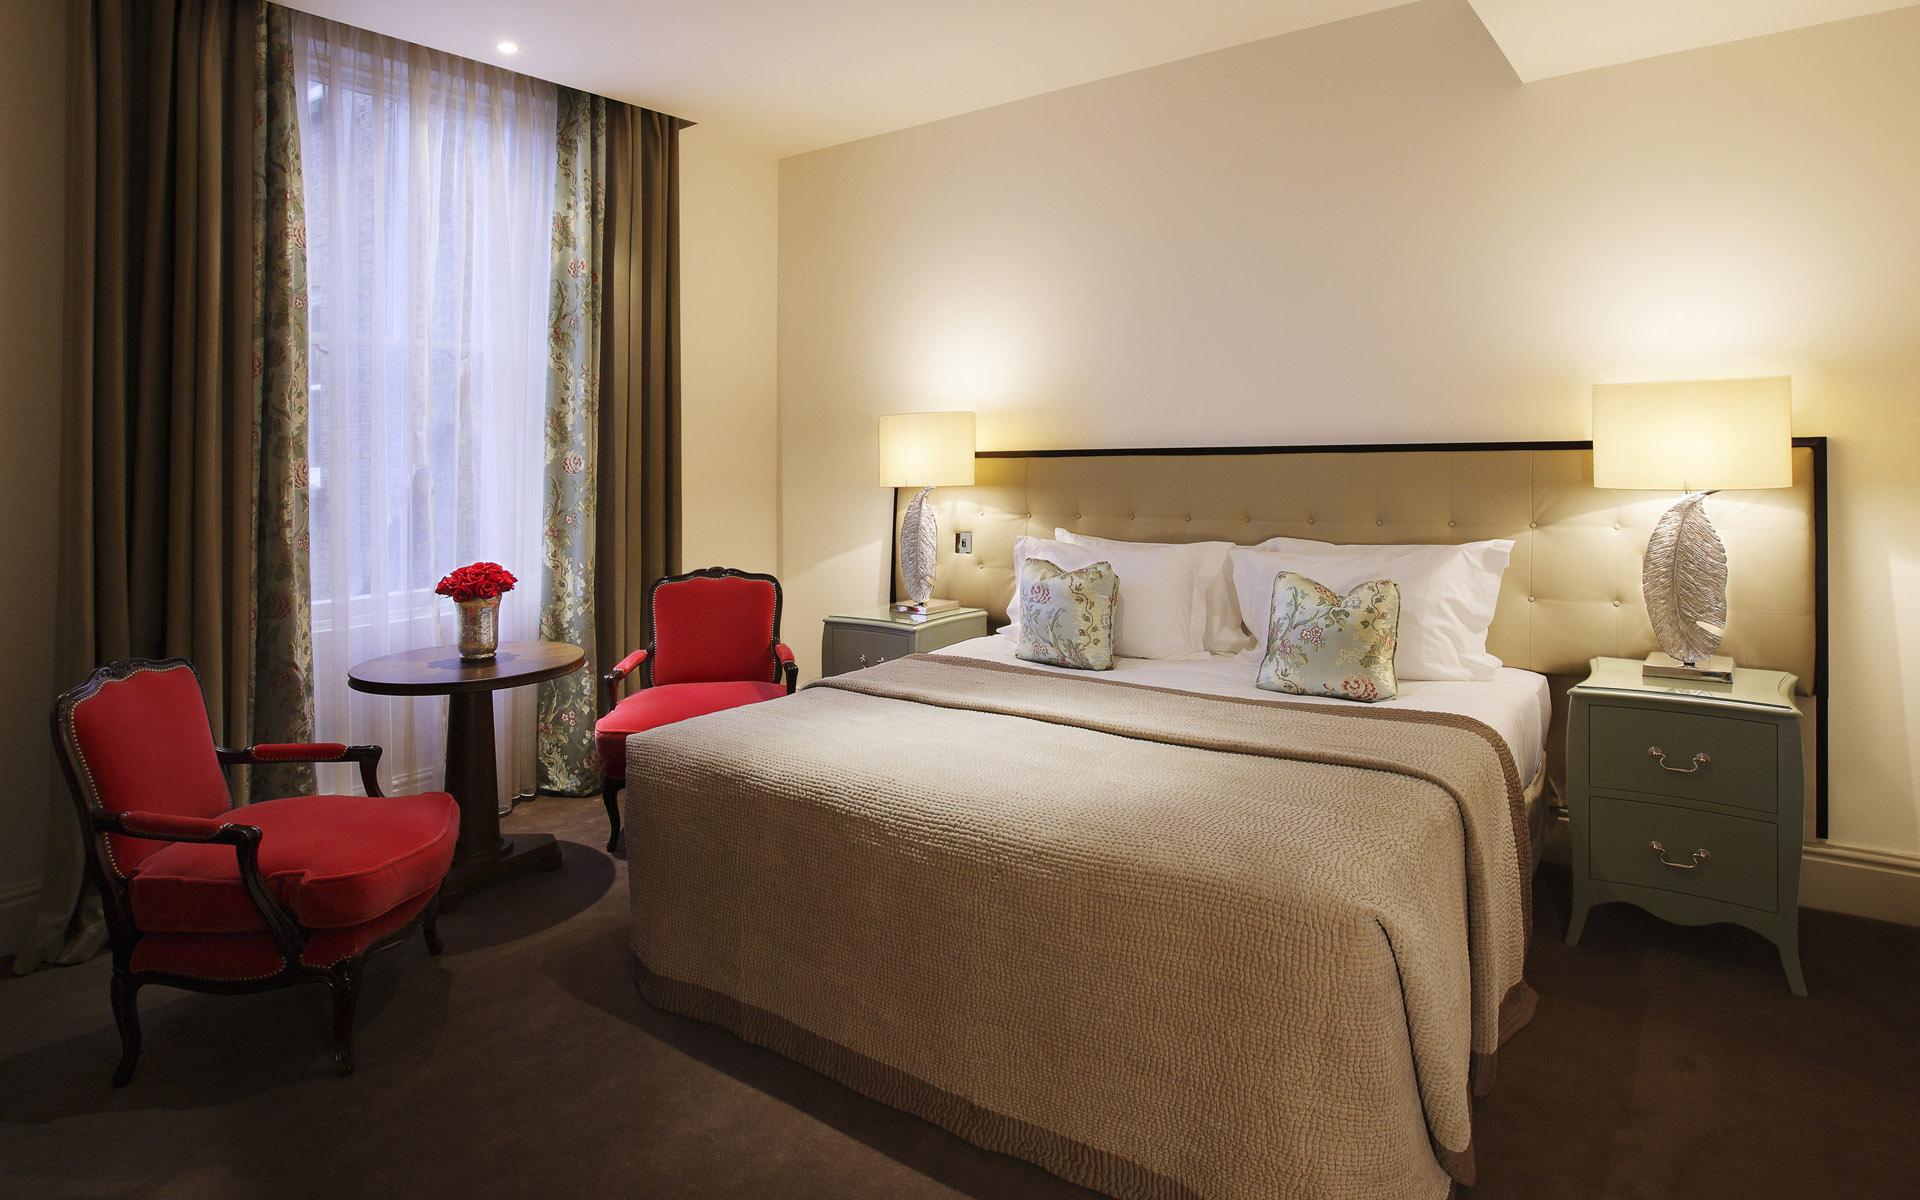 contemporary-bedroom-design-idea contemporary bedroom design idea